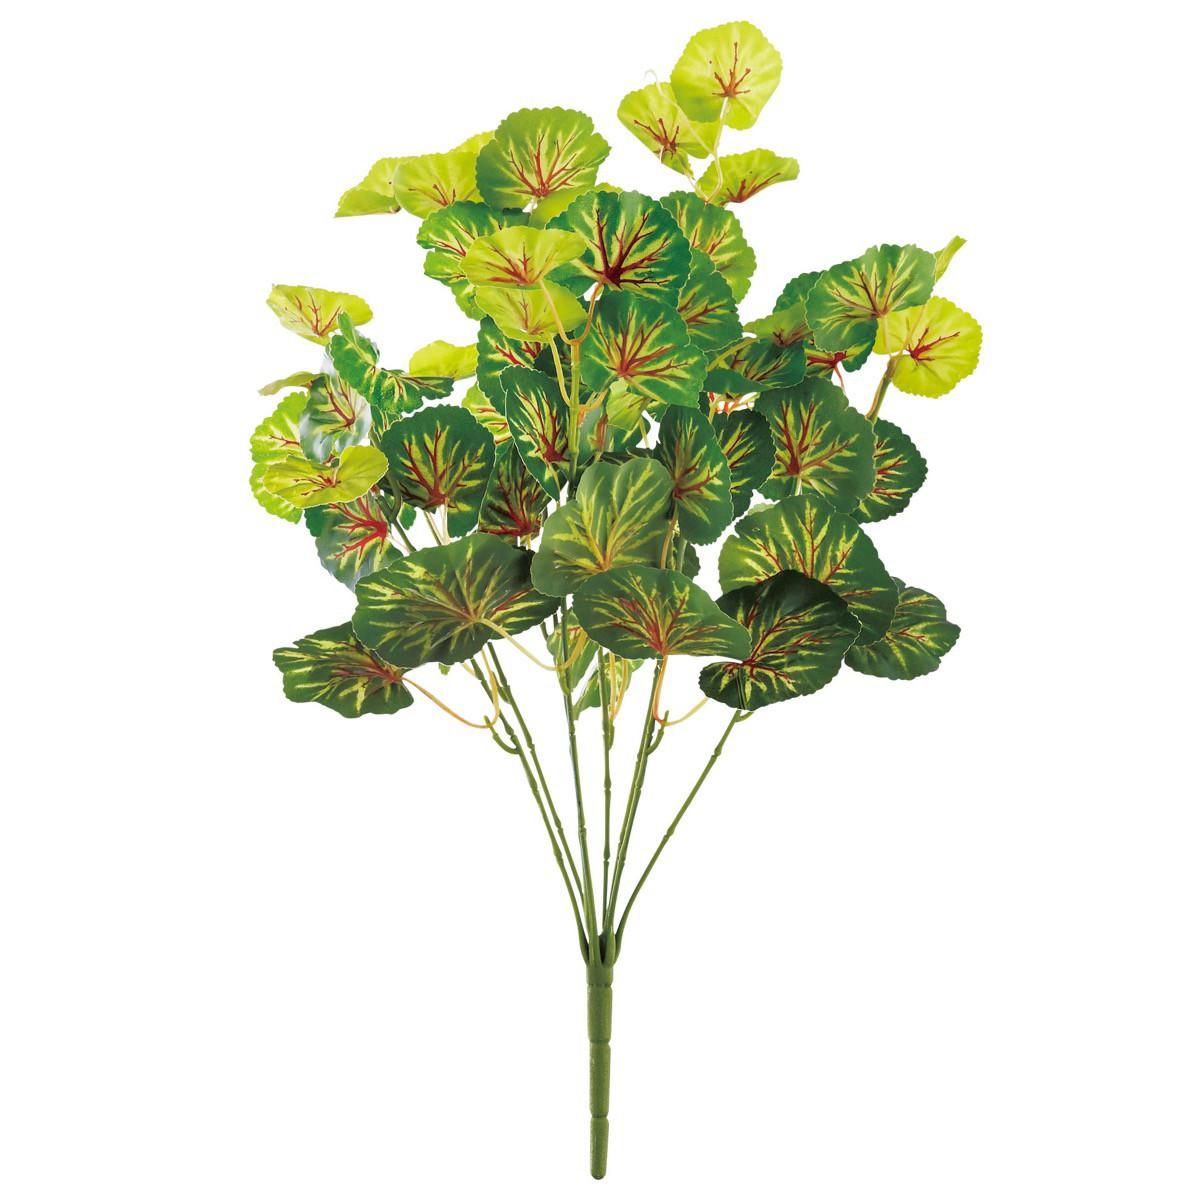 人工観葉植物 フェイクグリーン 人気 おすすめ 観葉植物 造花 光触媒 インテリア おしゃれ フェイク ゼラニウム 抗菌 6個から注文可能 消臭 50cm CT触媒 グリーン 品質検査済